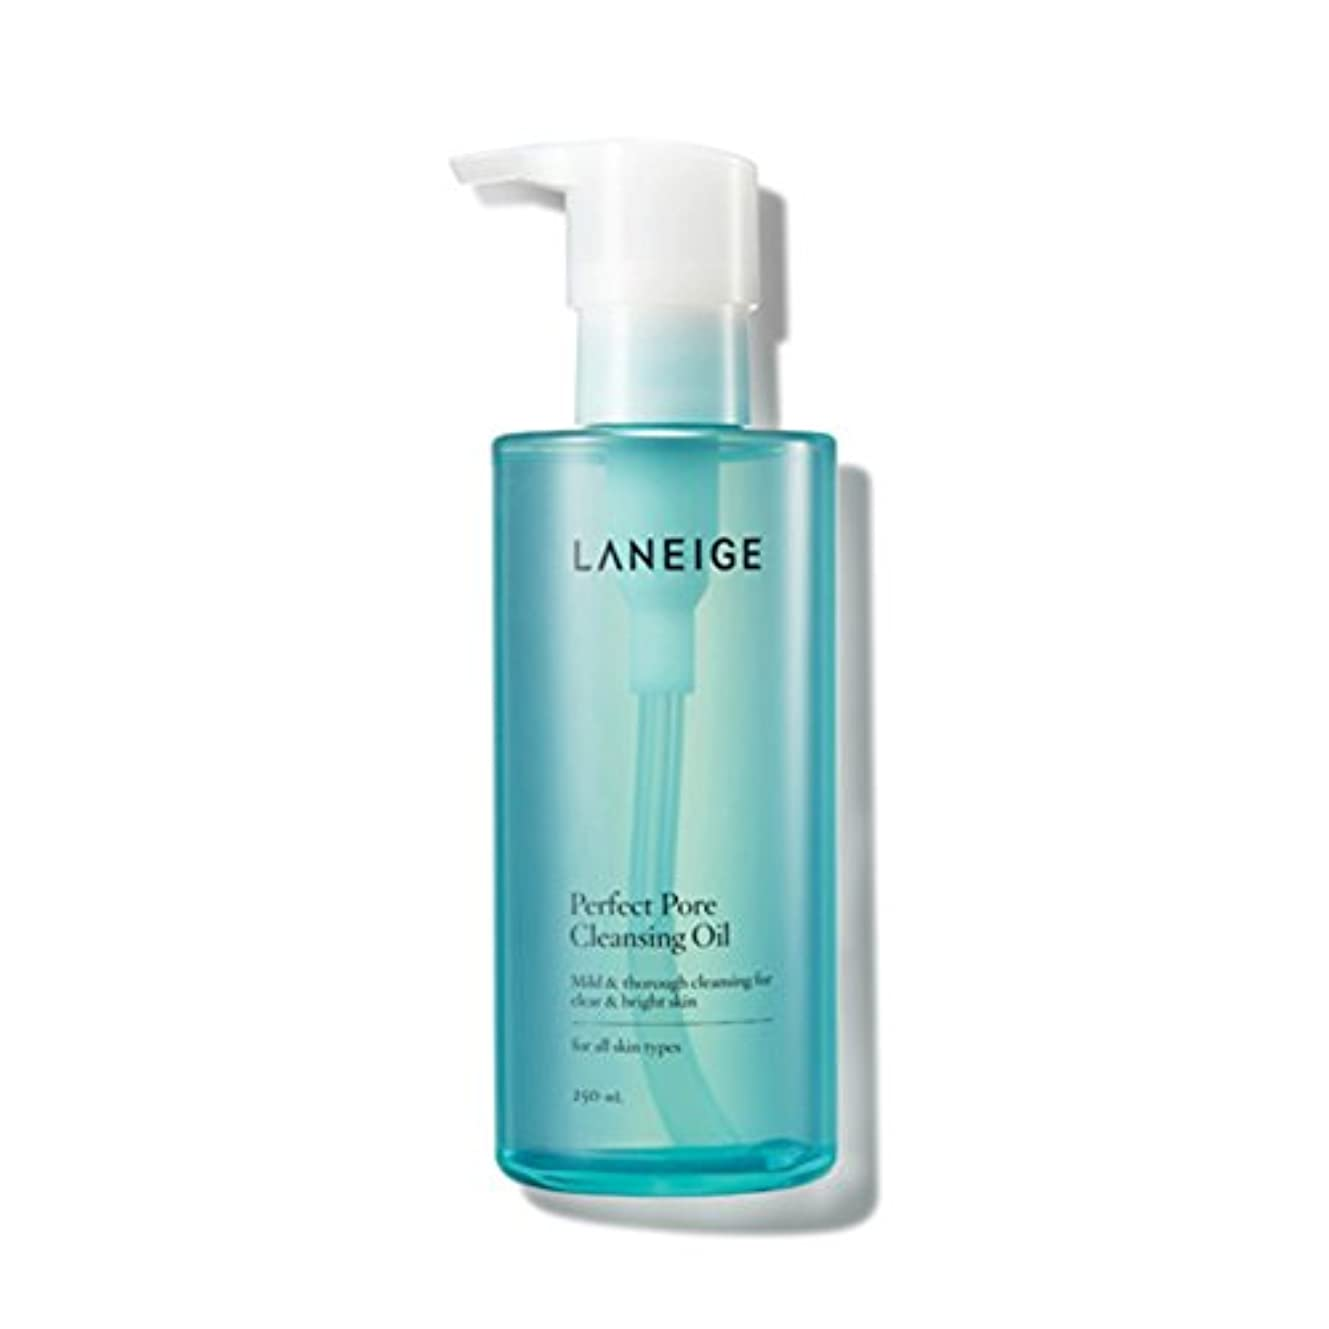 エミュレーション五十エンジン[ラネージュ/ LANEIGE] ラネージュ パーフェクトポア クレンジングオイル 250ml/ Perfect Pore Cleansing Oil +[Sample Gift](海外直送品)